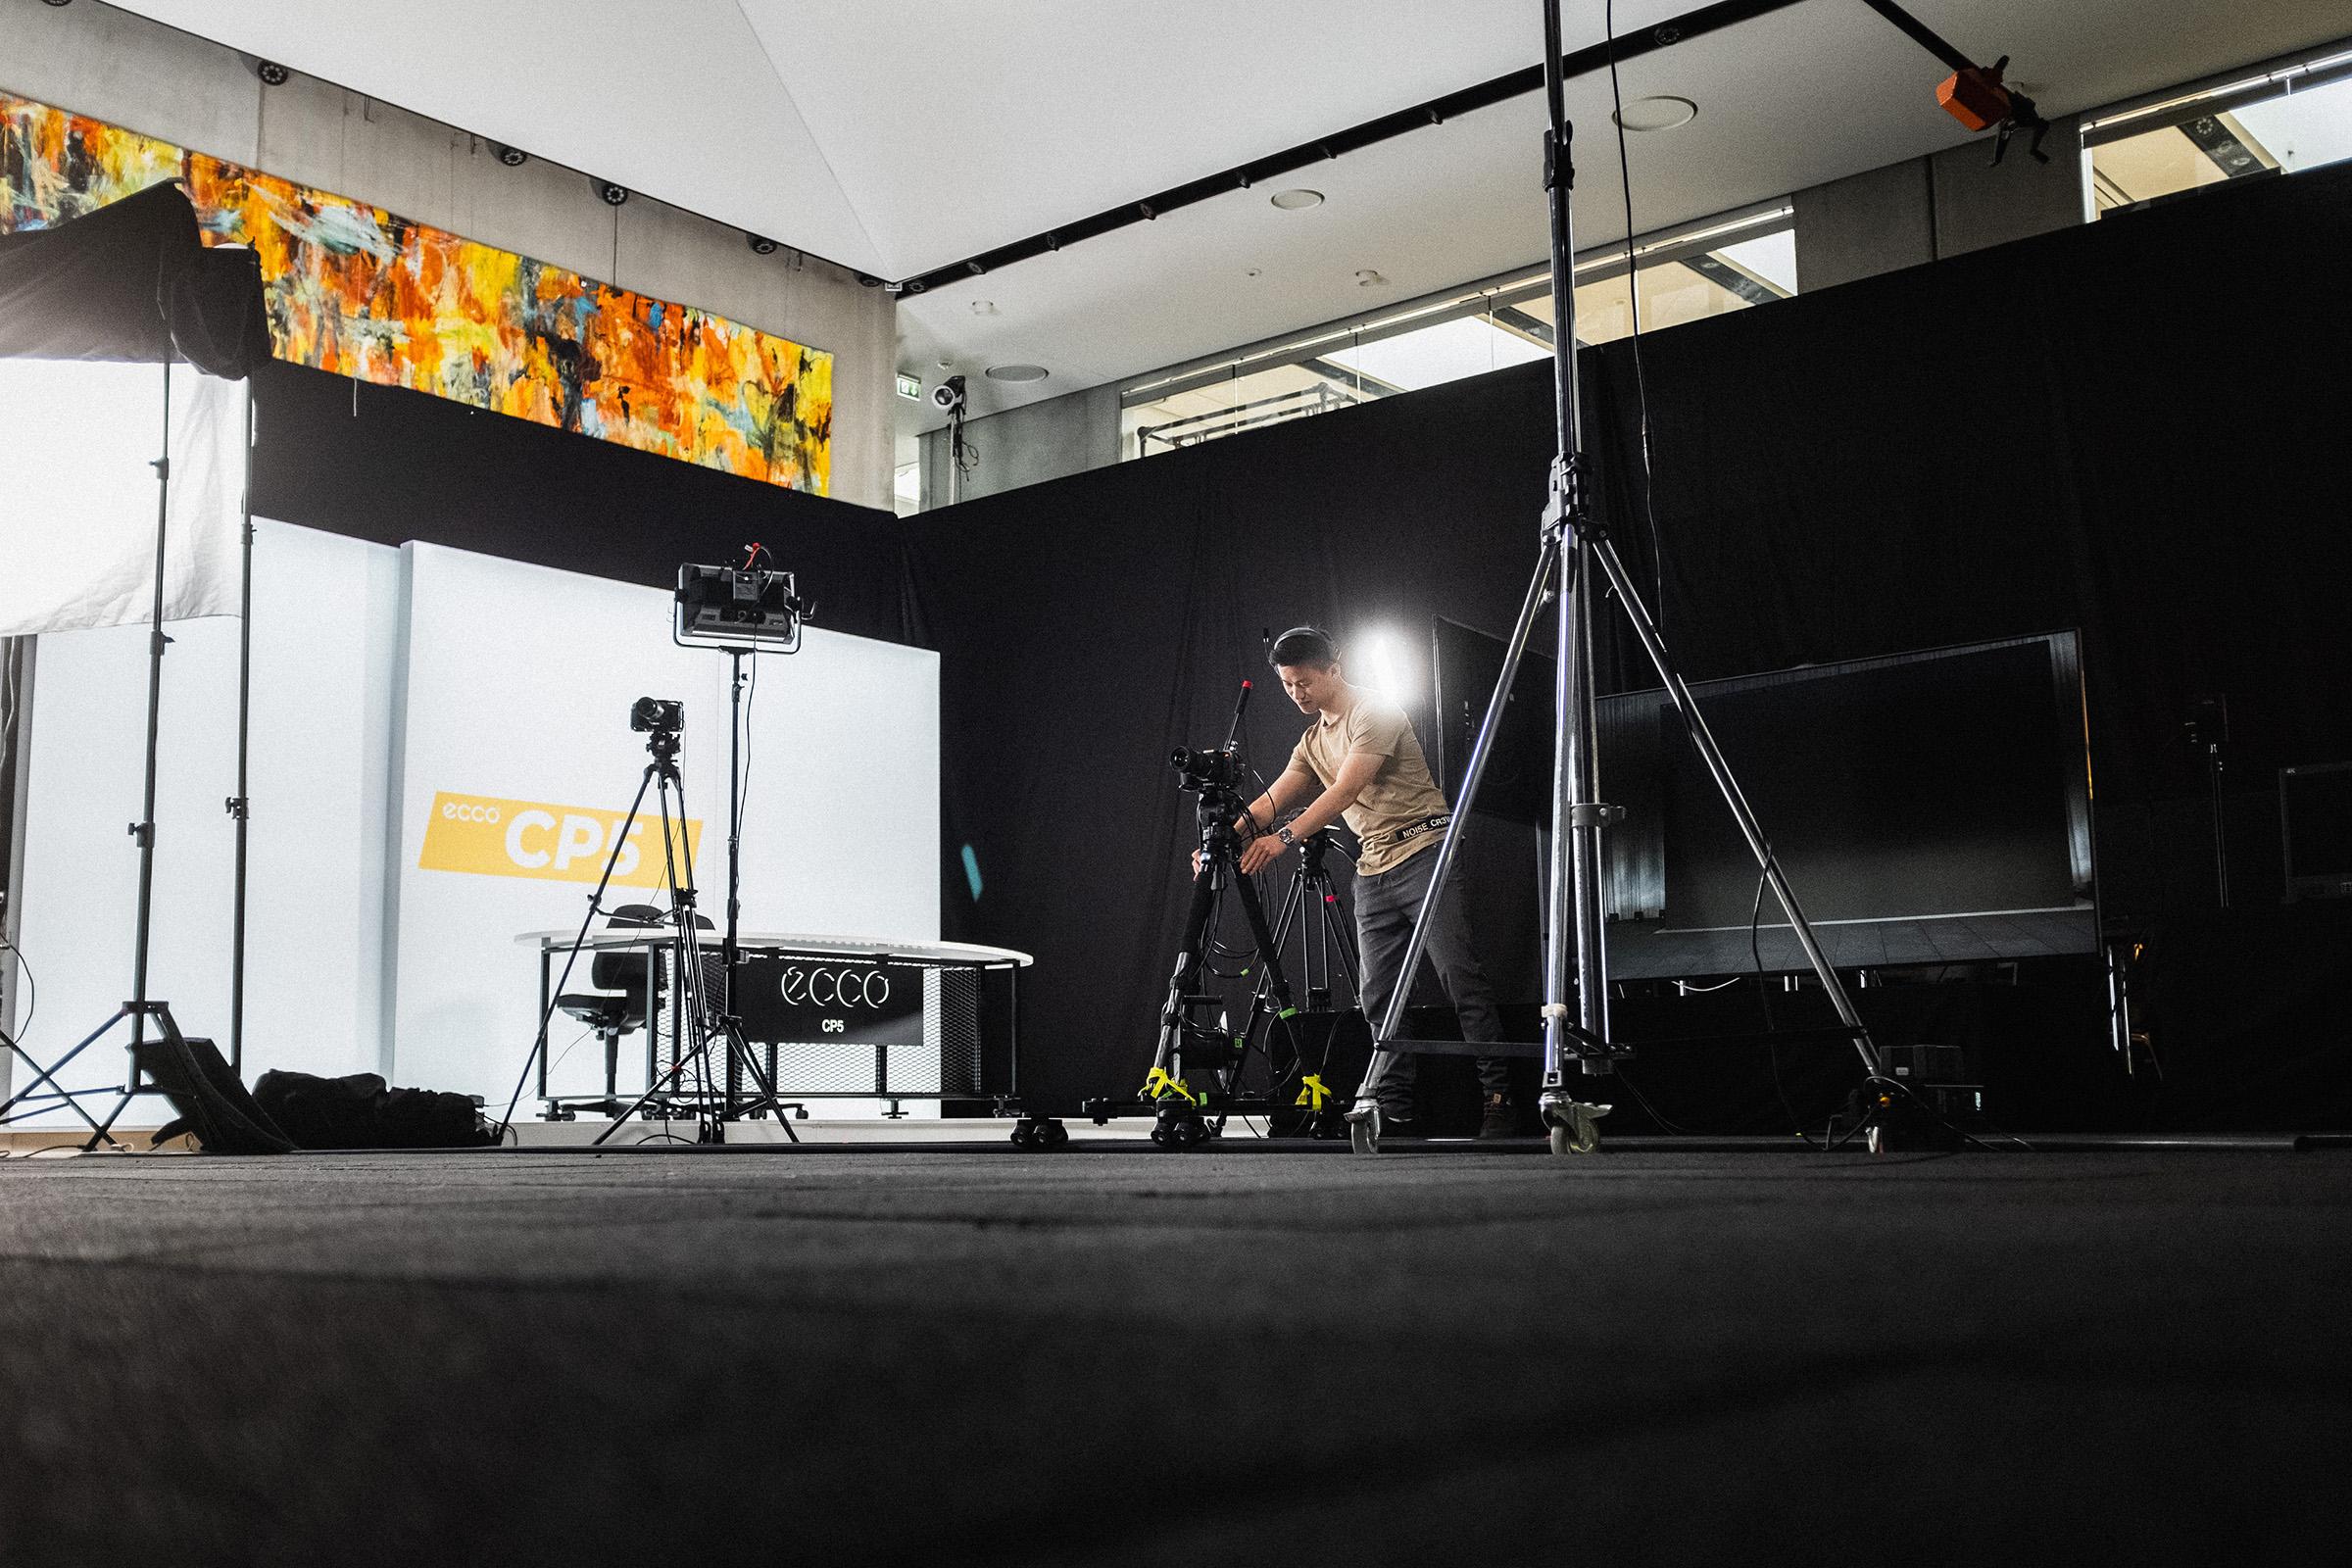 Kameramand opererer Blackmagic 6K på dolly track under live streaming